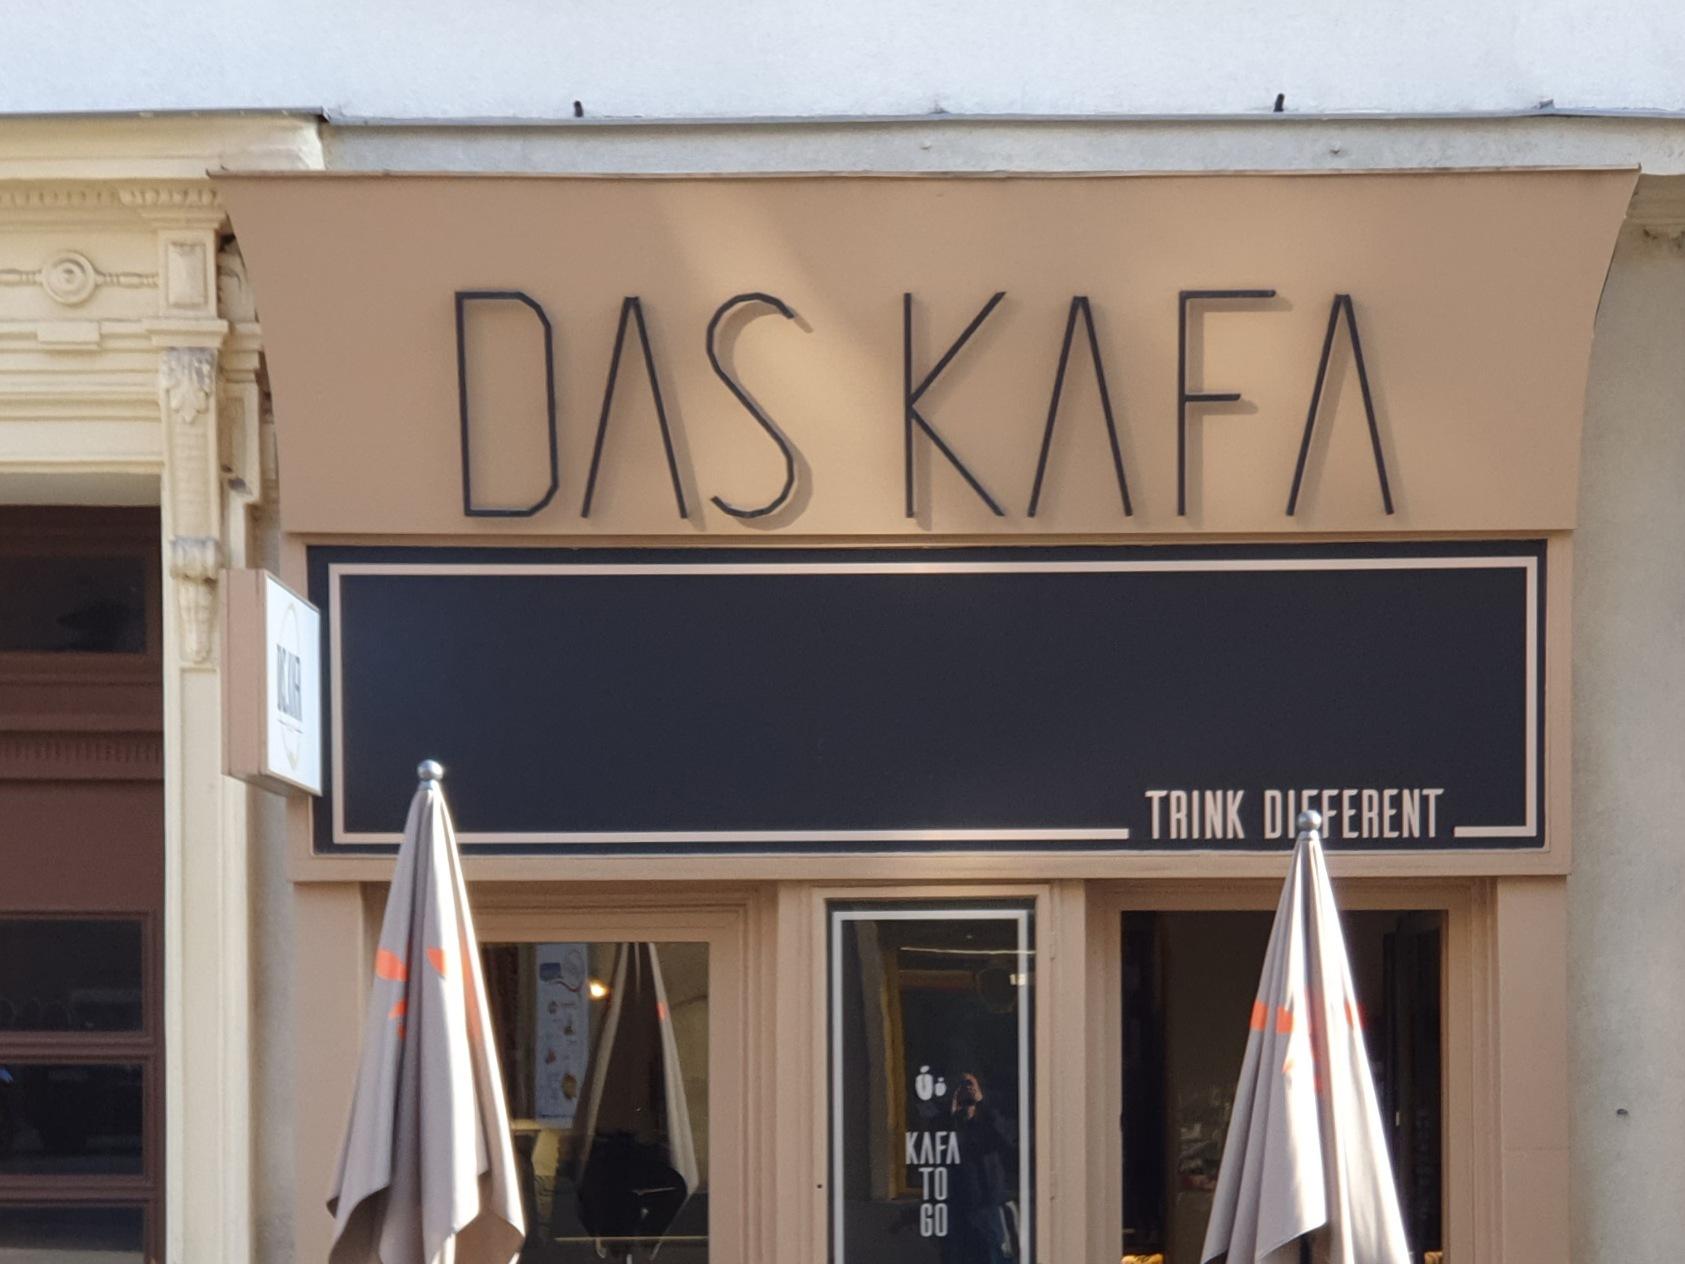 Das Kafa 1090 Wien Währingerstraße 66